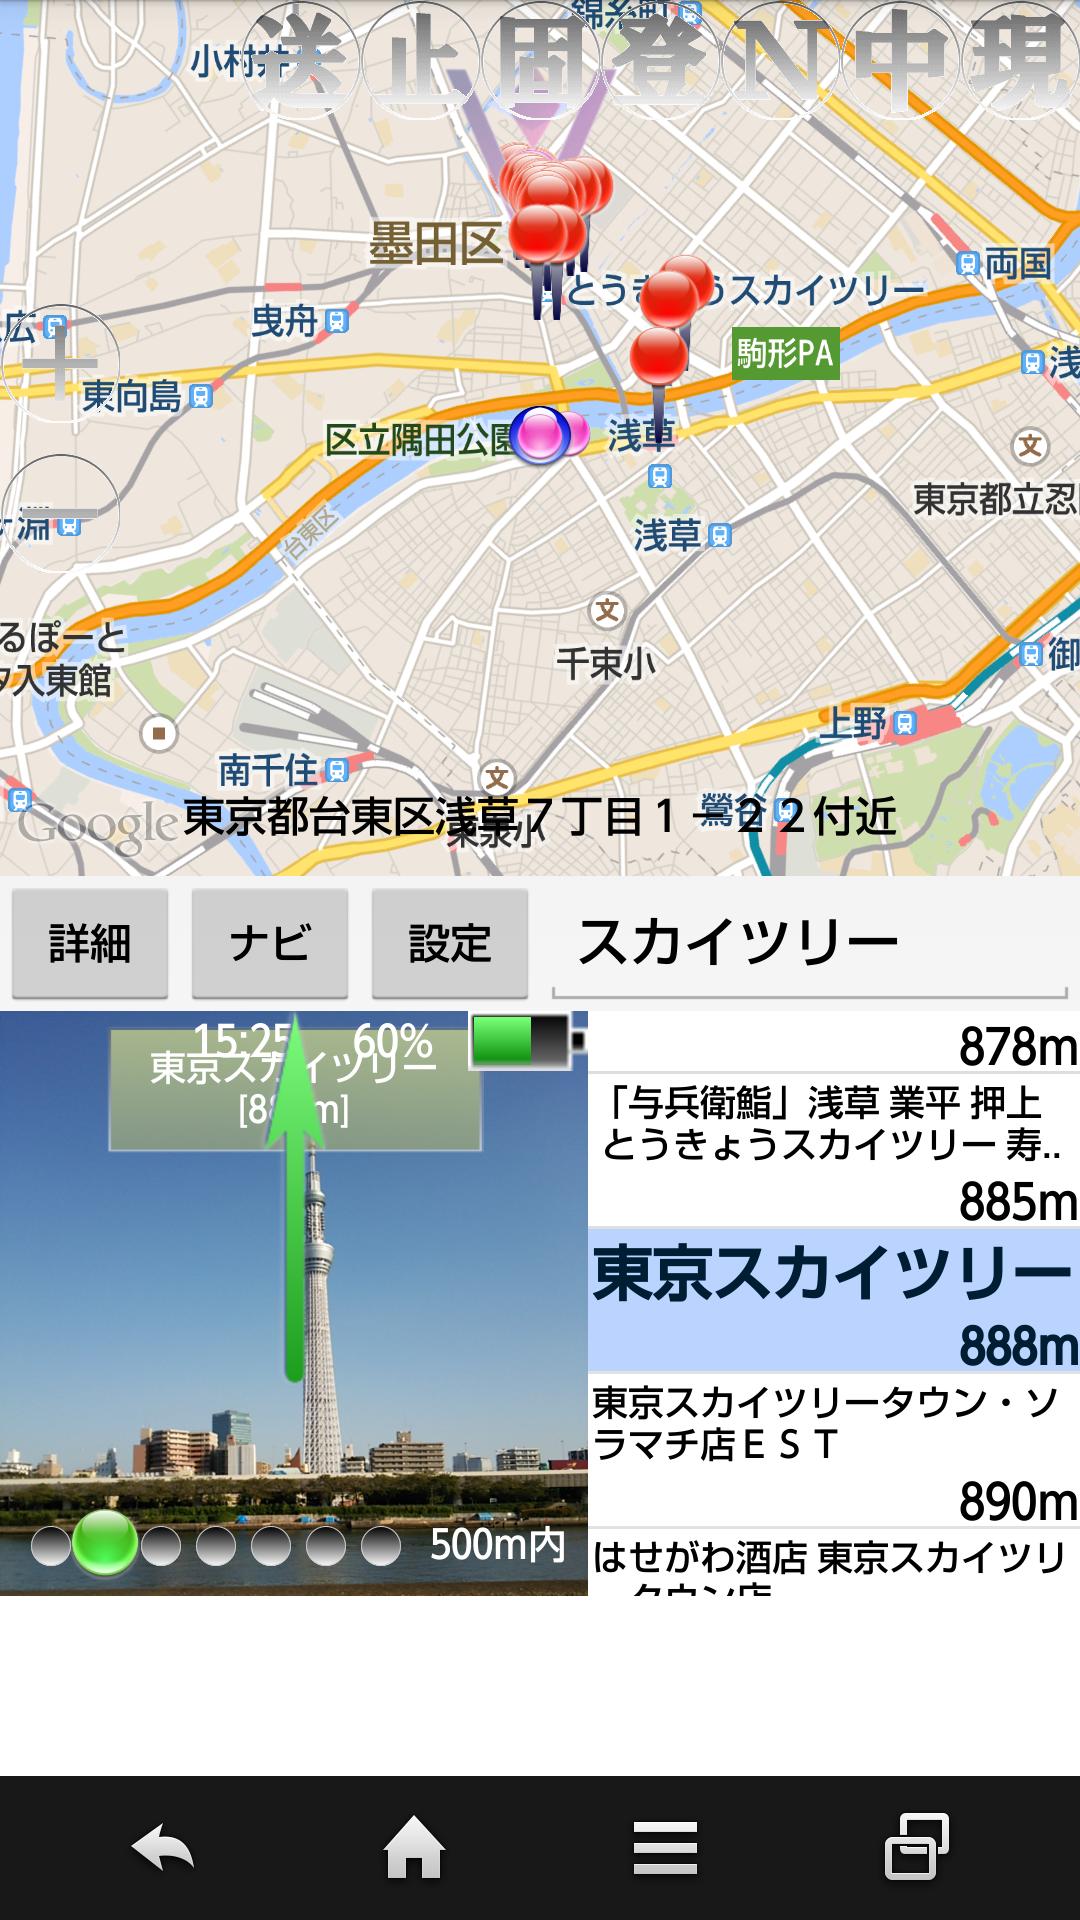 Androidツール・ナビゲーションアプリ「周辺便利ナビ」画面1